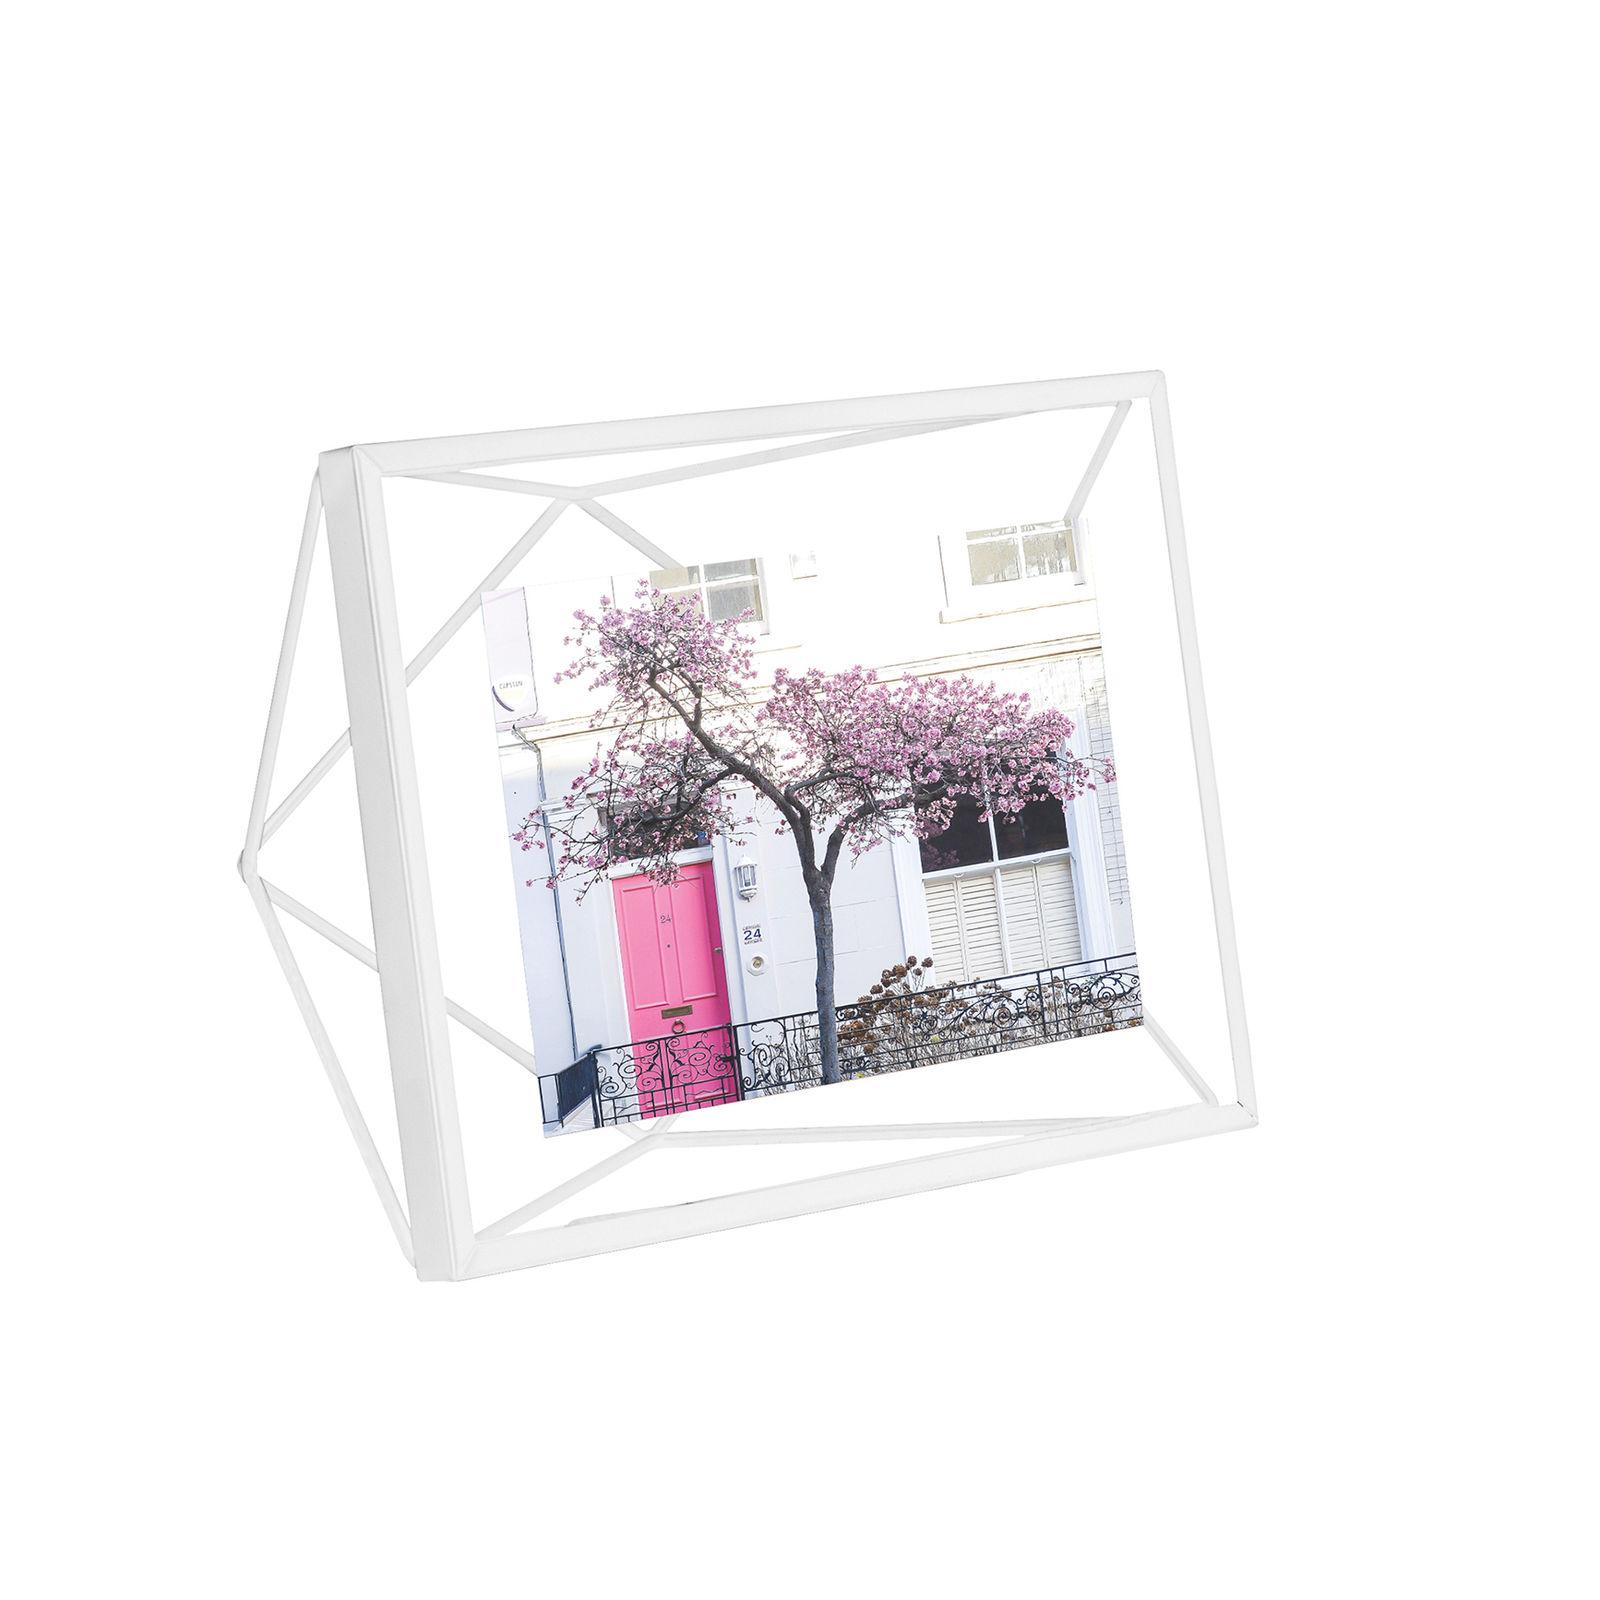 Prisma fotolijst Umbra 15x20cm wit